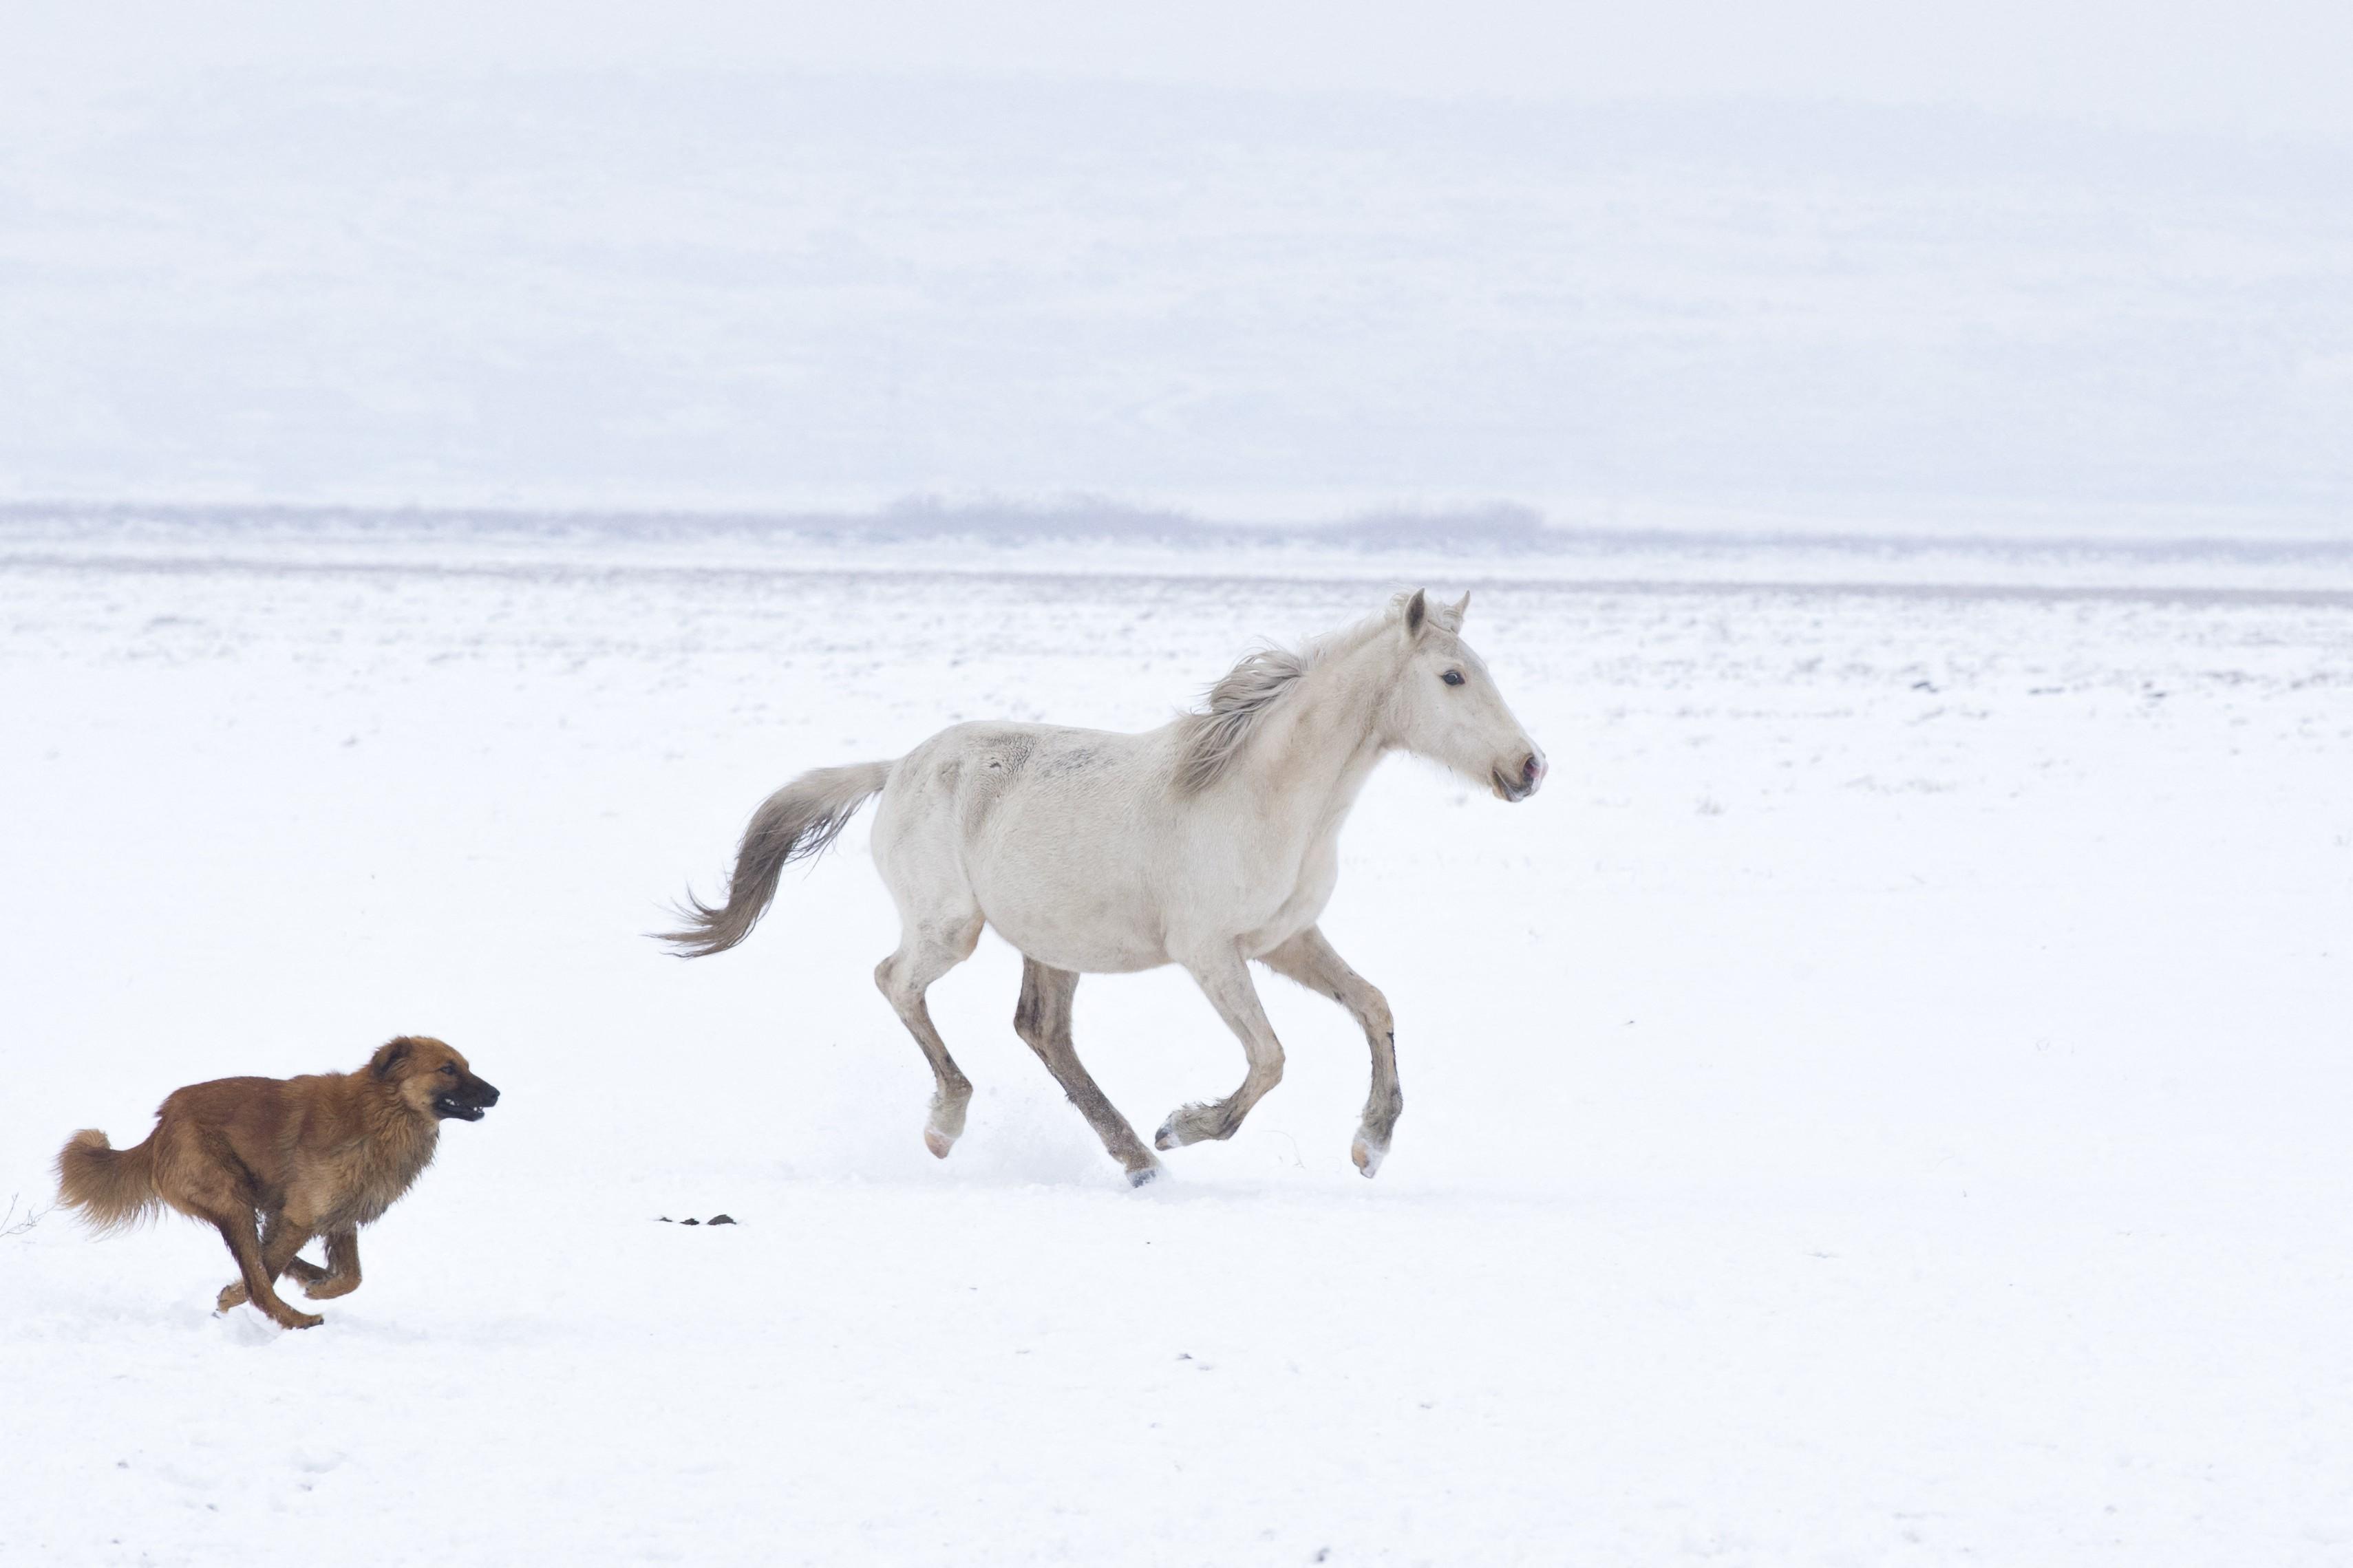 A póráz nélkül sétáltatott kutyák miatt ledobta a lovasát, majd egy teherautó elé ugrott egy ló Kamaraerdőn